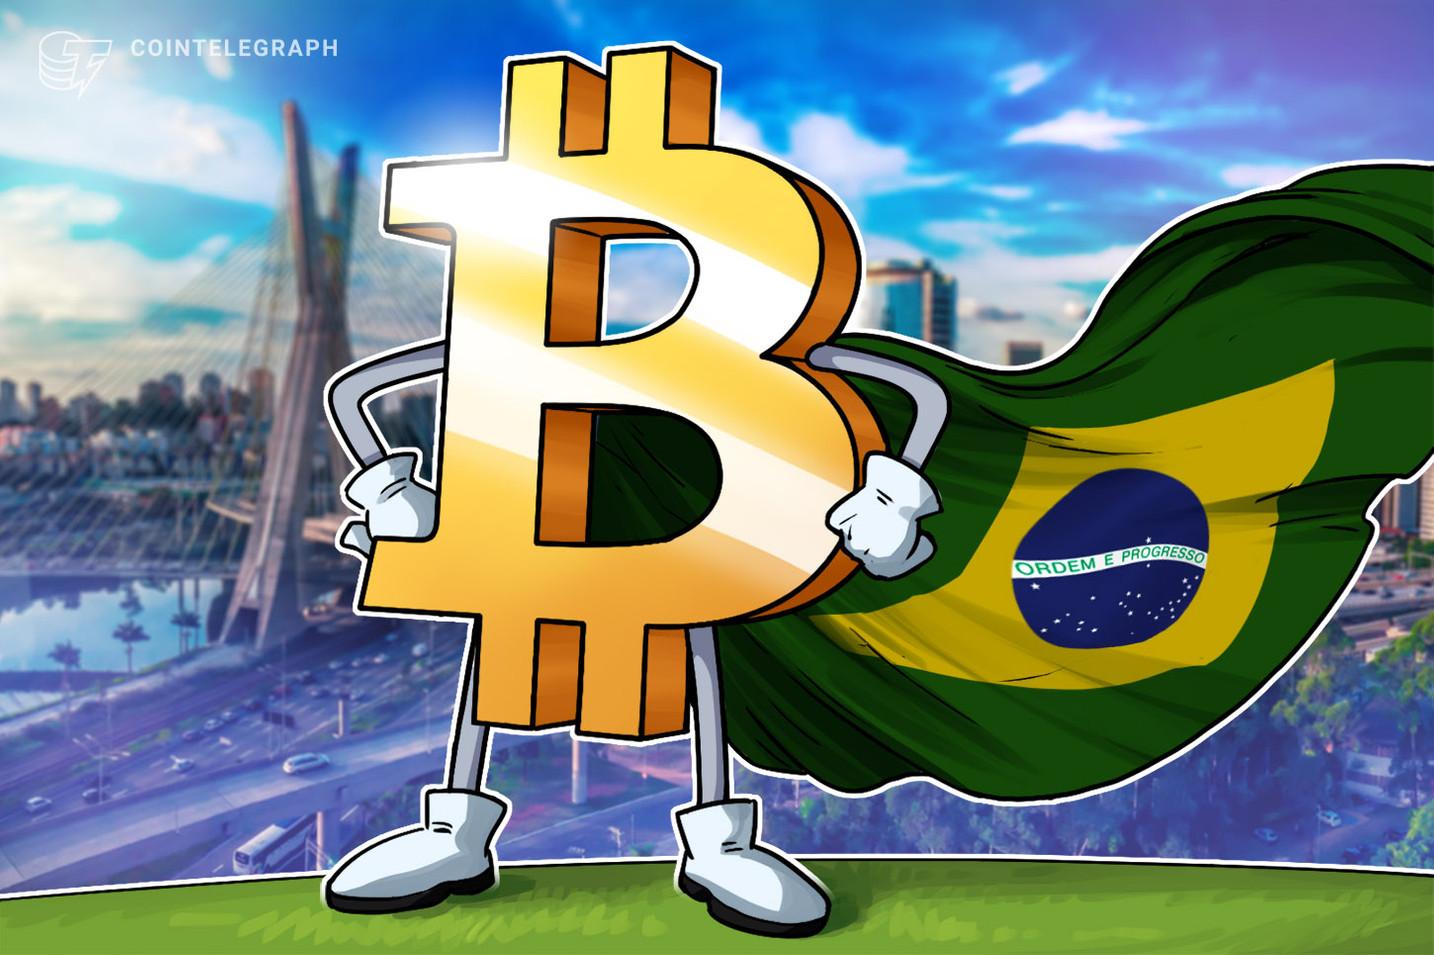 negociação de criptomoedas de velas o bitcoin sempre negocia